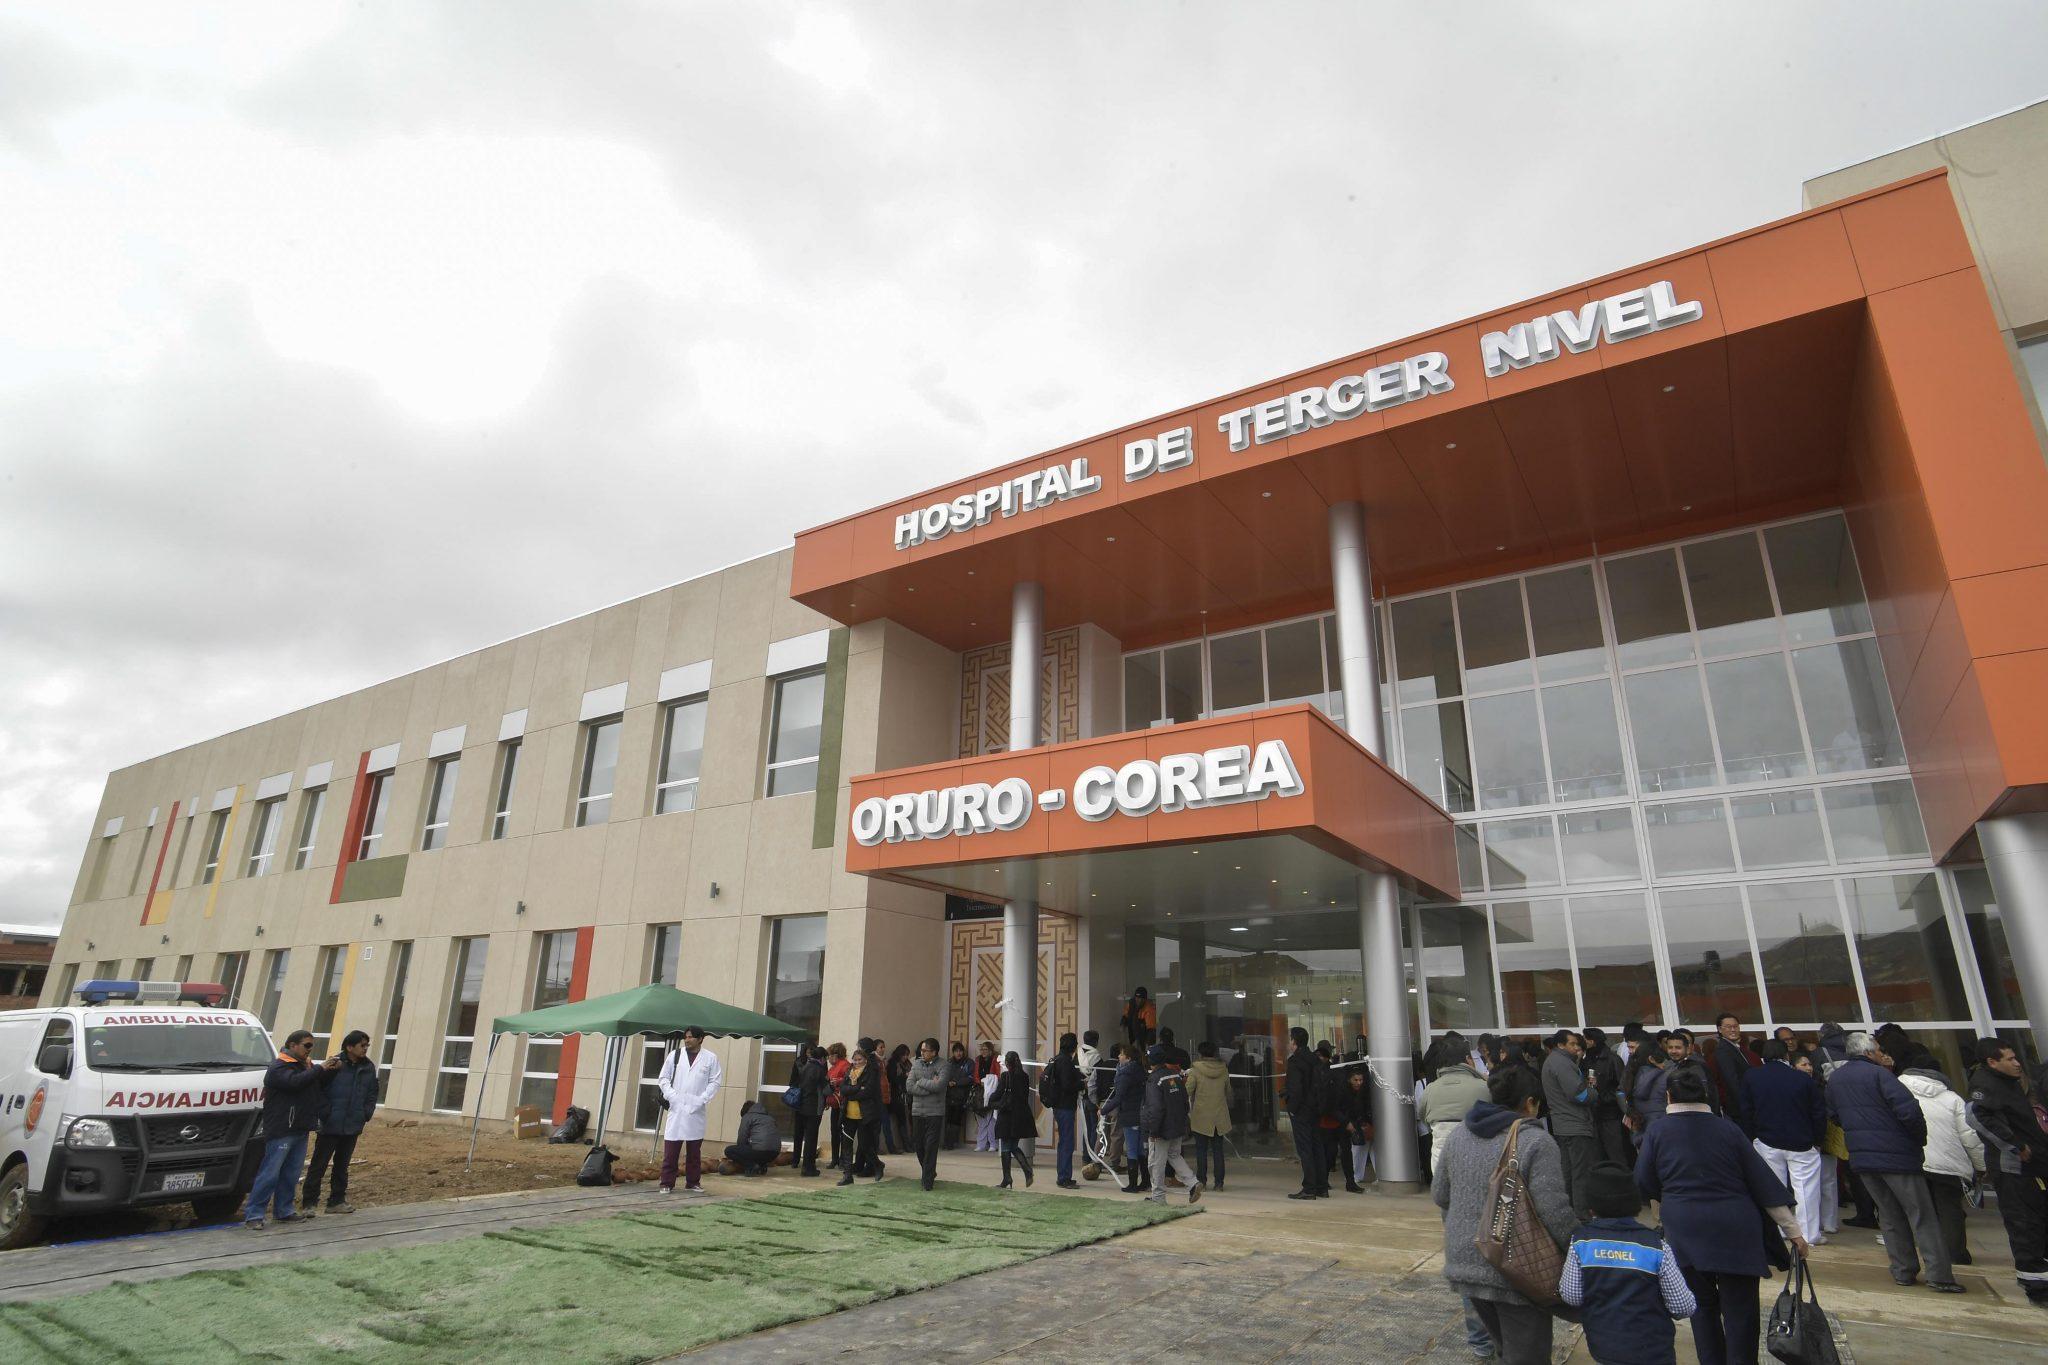 HOSPITAL DE TERCER NIVEL